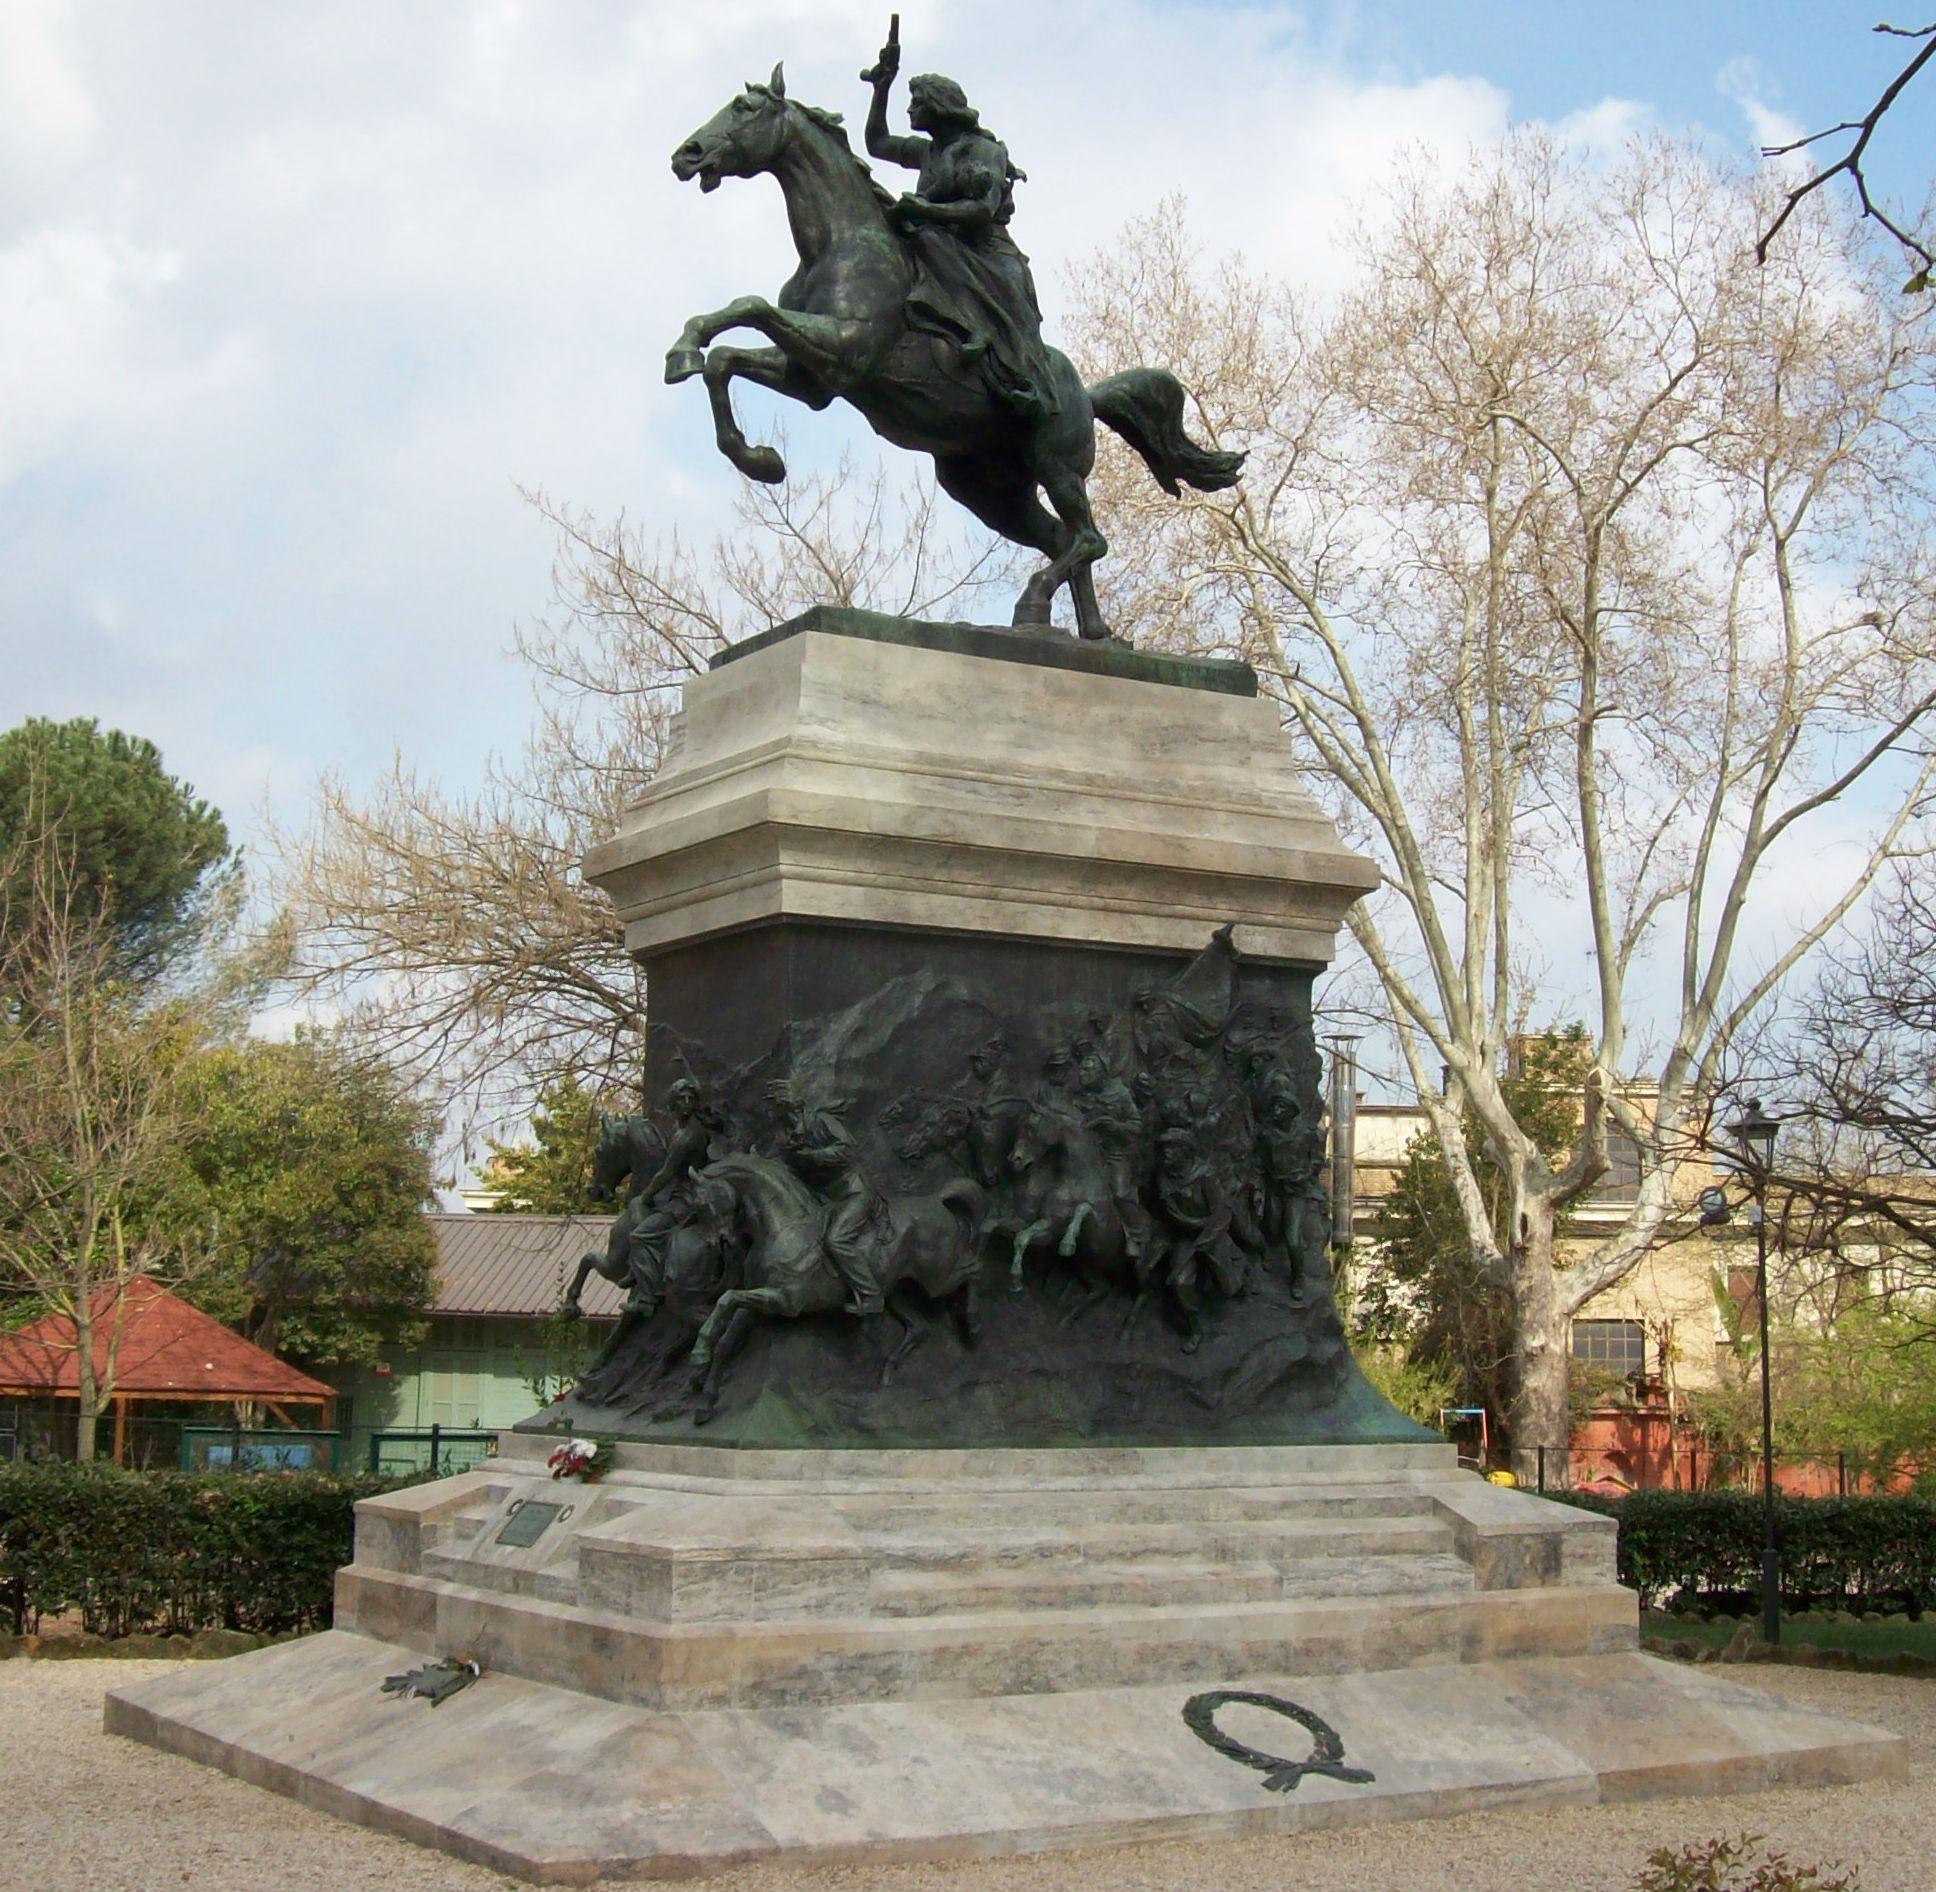 Monument to Anita Garibaldi,1932, Mario Rutelli, Rome, Italy